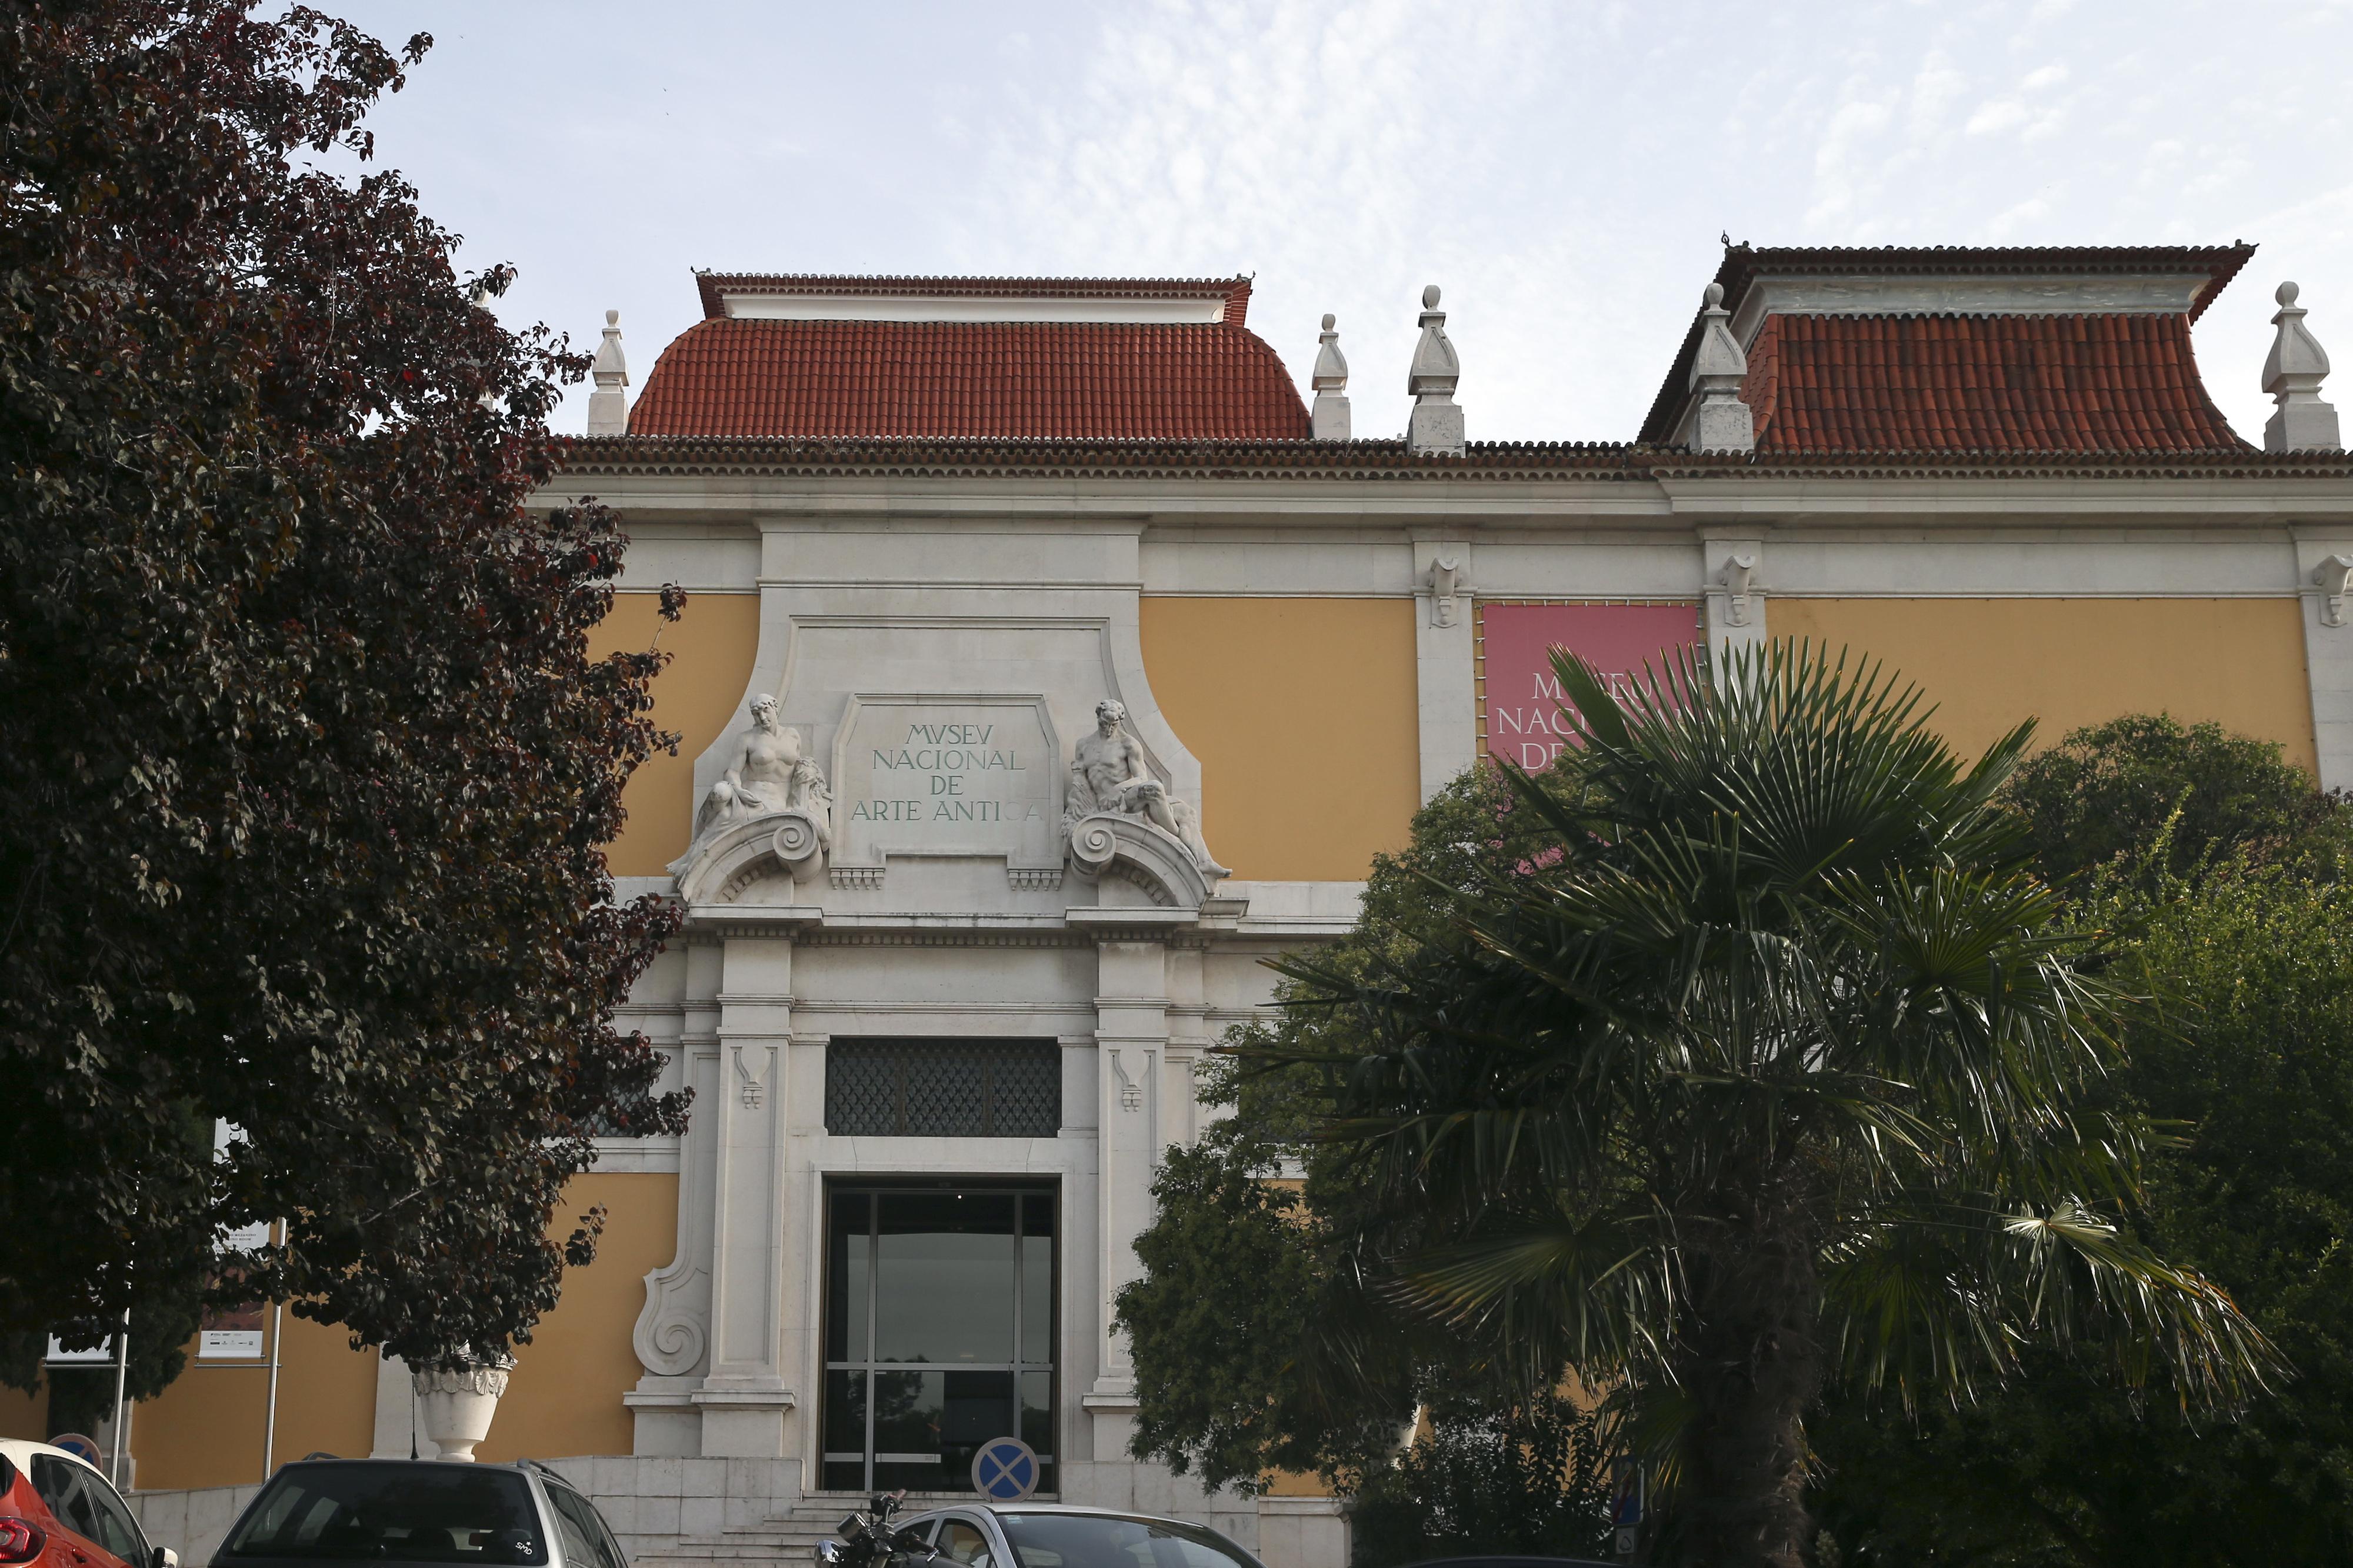 Diretor do Museu de Arte Antiga diz que denunciou situação de